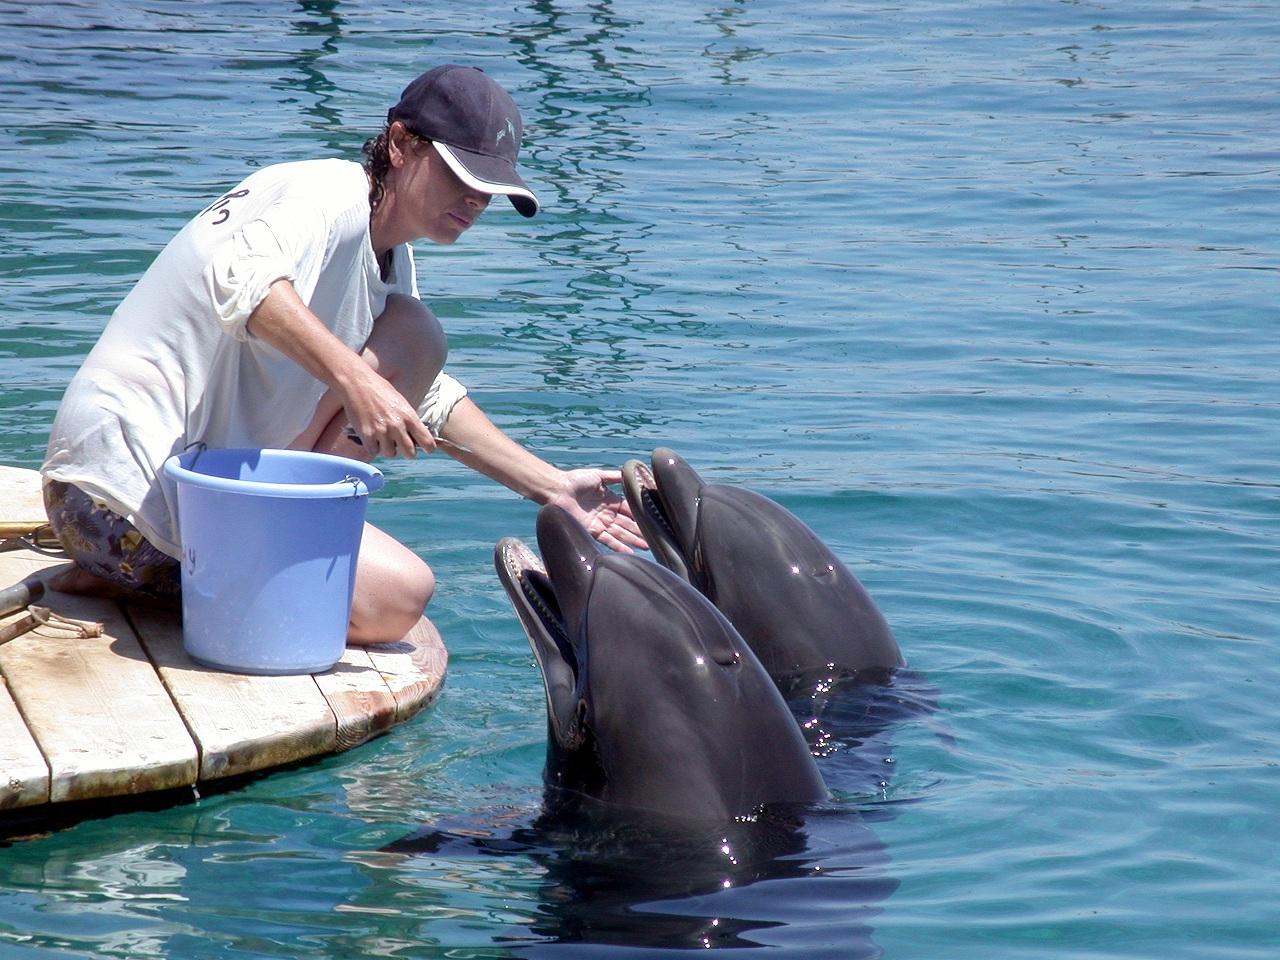 קנס גבוה לריף הדולפינים בשל הרס סביבתי